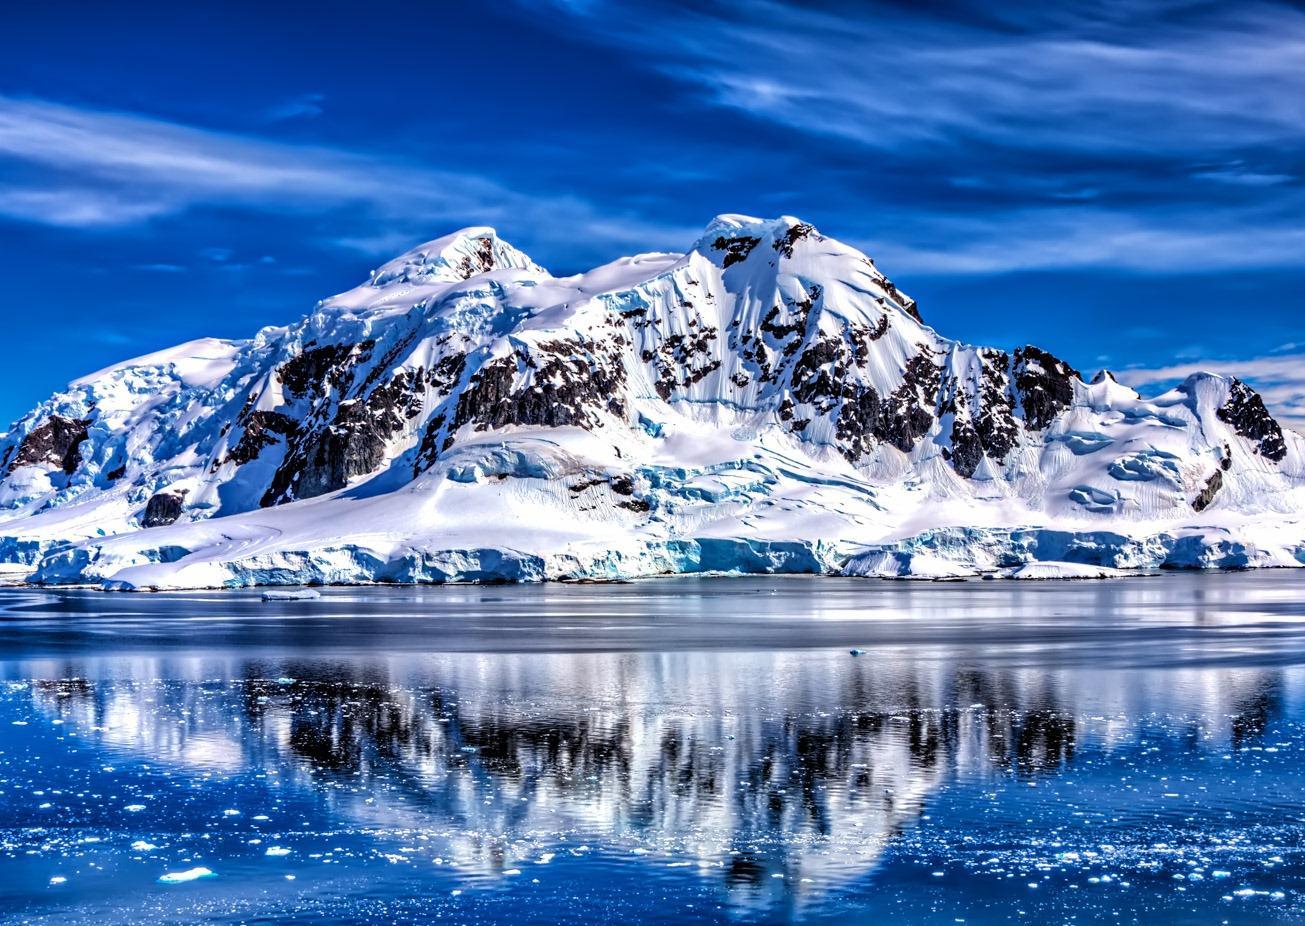 Піраміди або НЛО: у мережі ламають голову через знахідку в Антарктиді